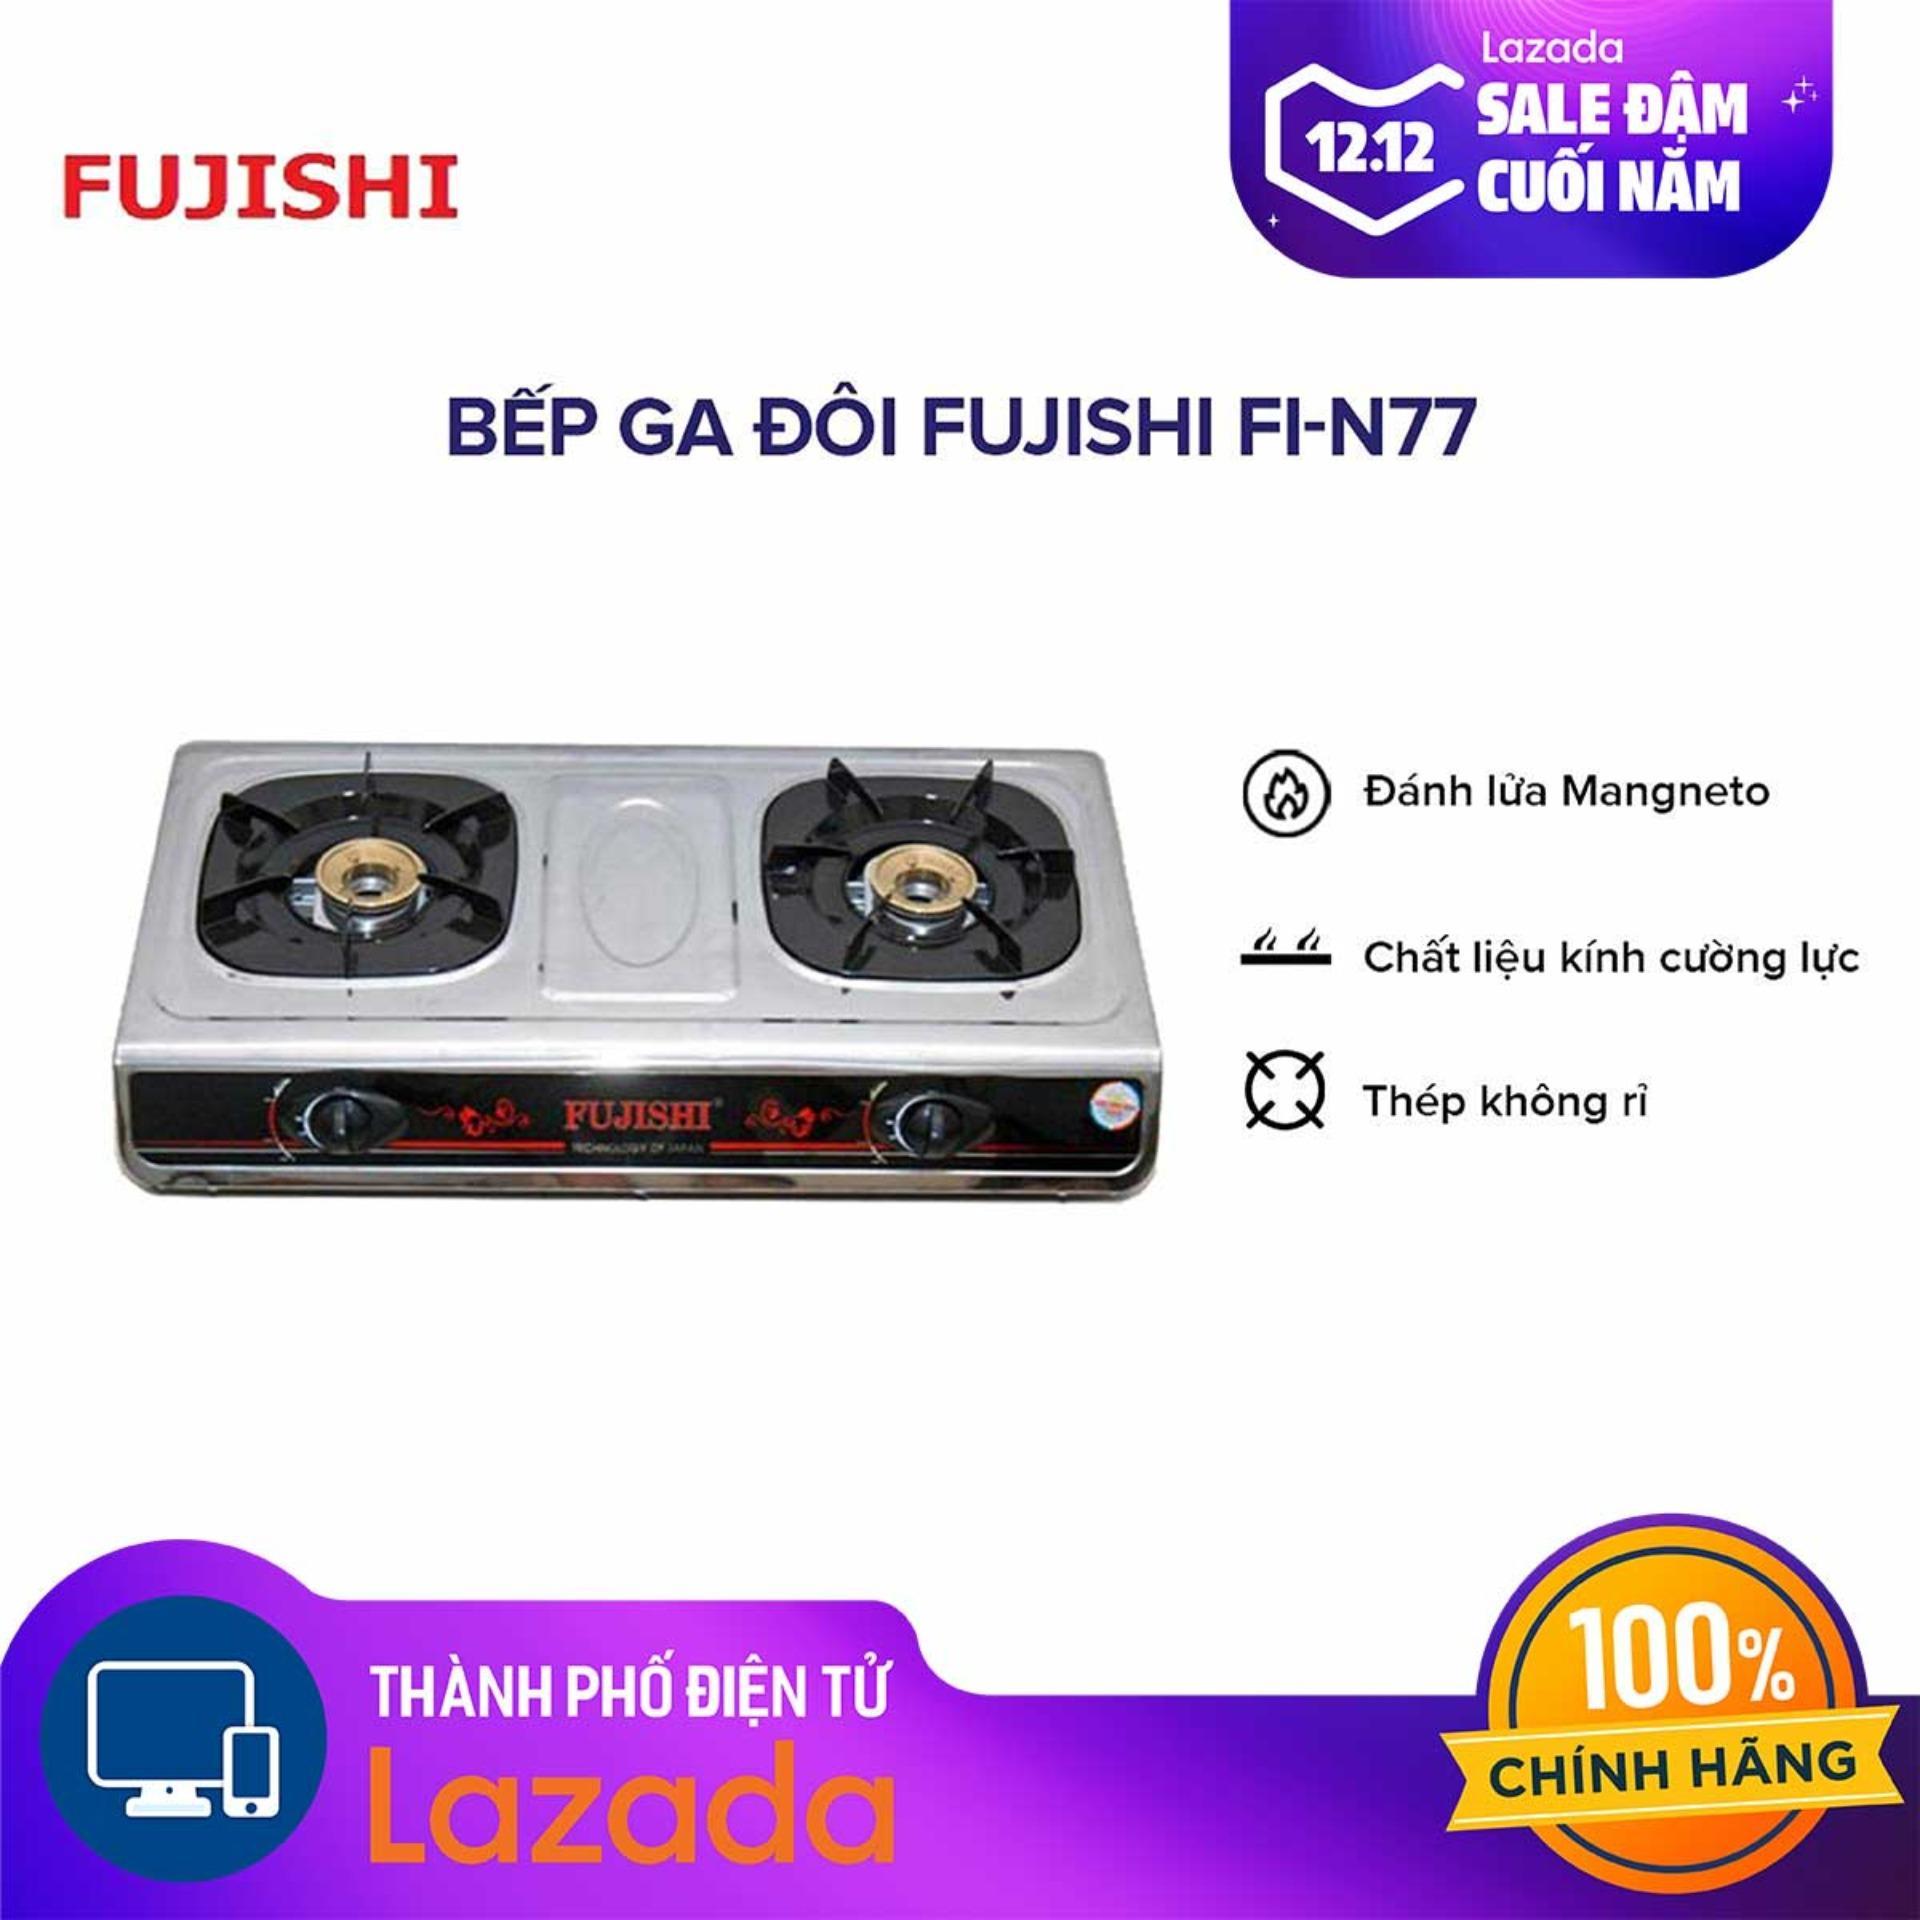 Bếp ga đôi Fujishi FI-N77